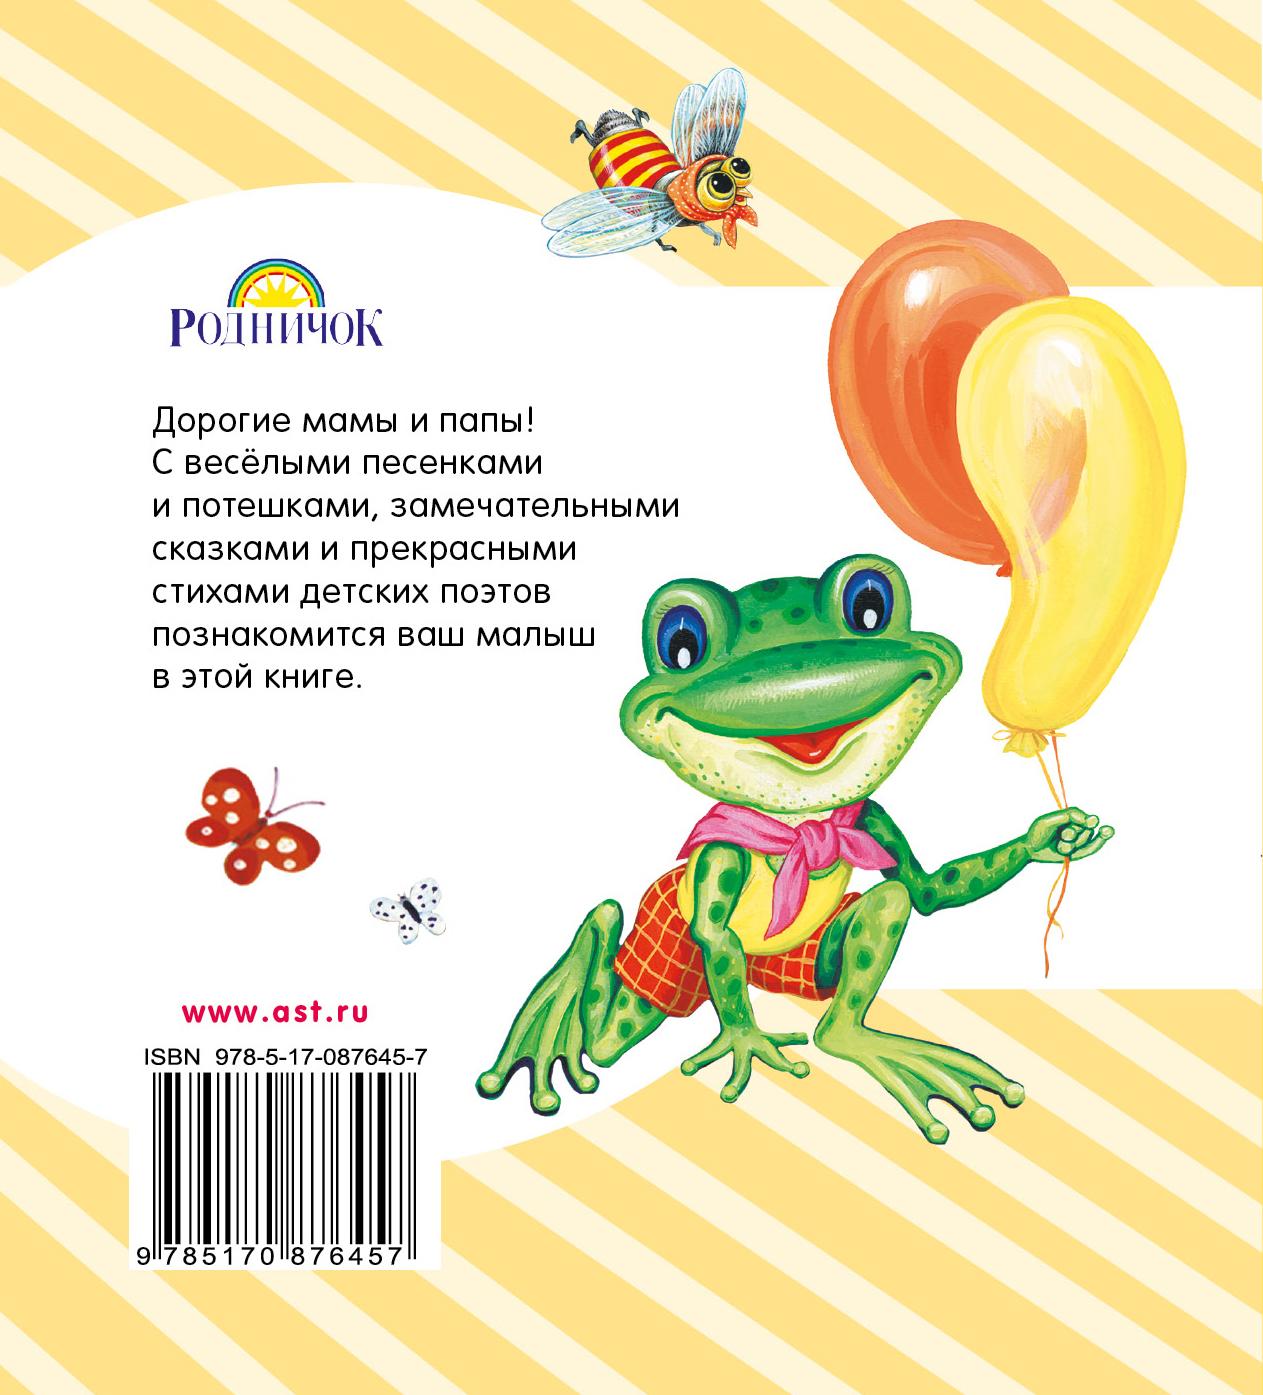 Книга для чтения детям от 6 месяцев до 3 лет. Толстой А.Н., Барто А.Л., Заходер Б.В., Берестов В.Д.